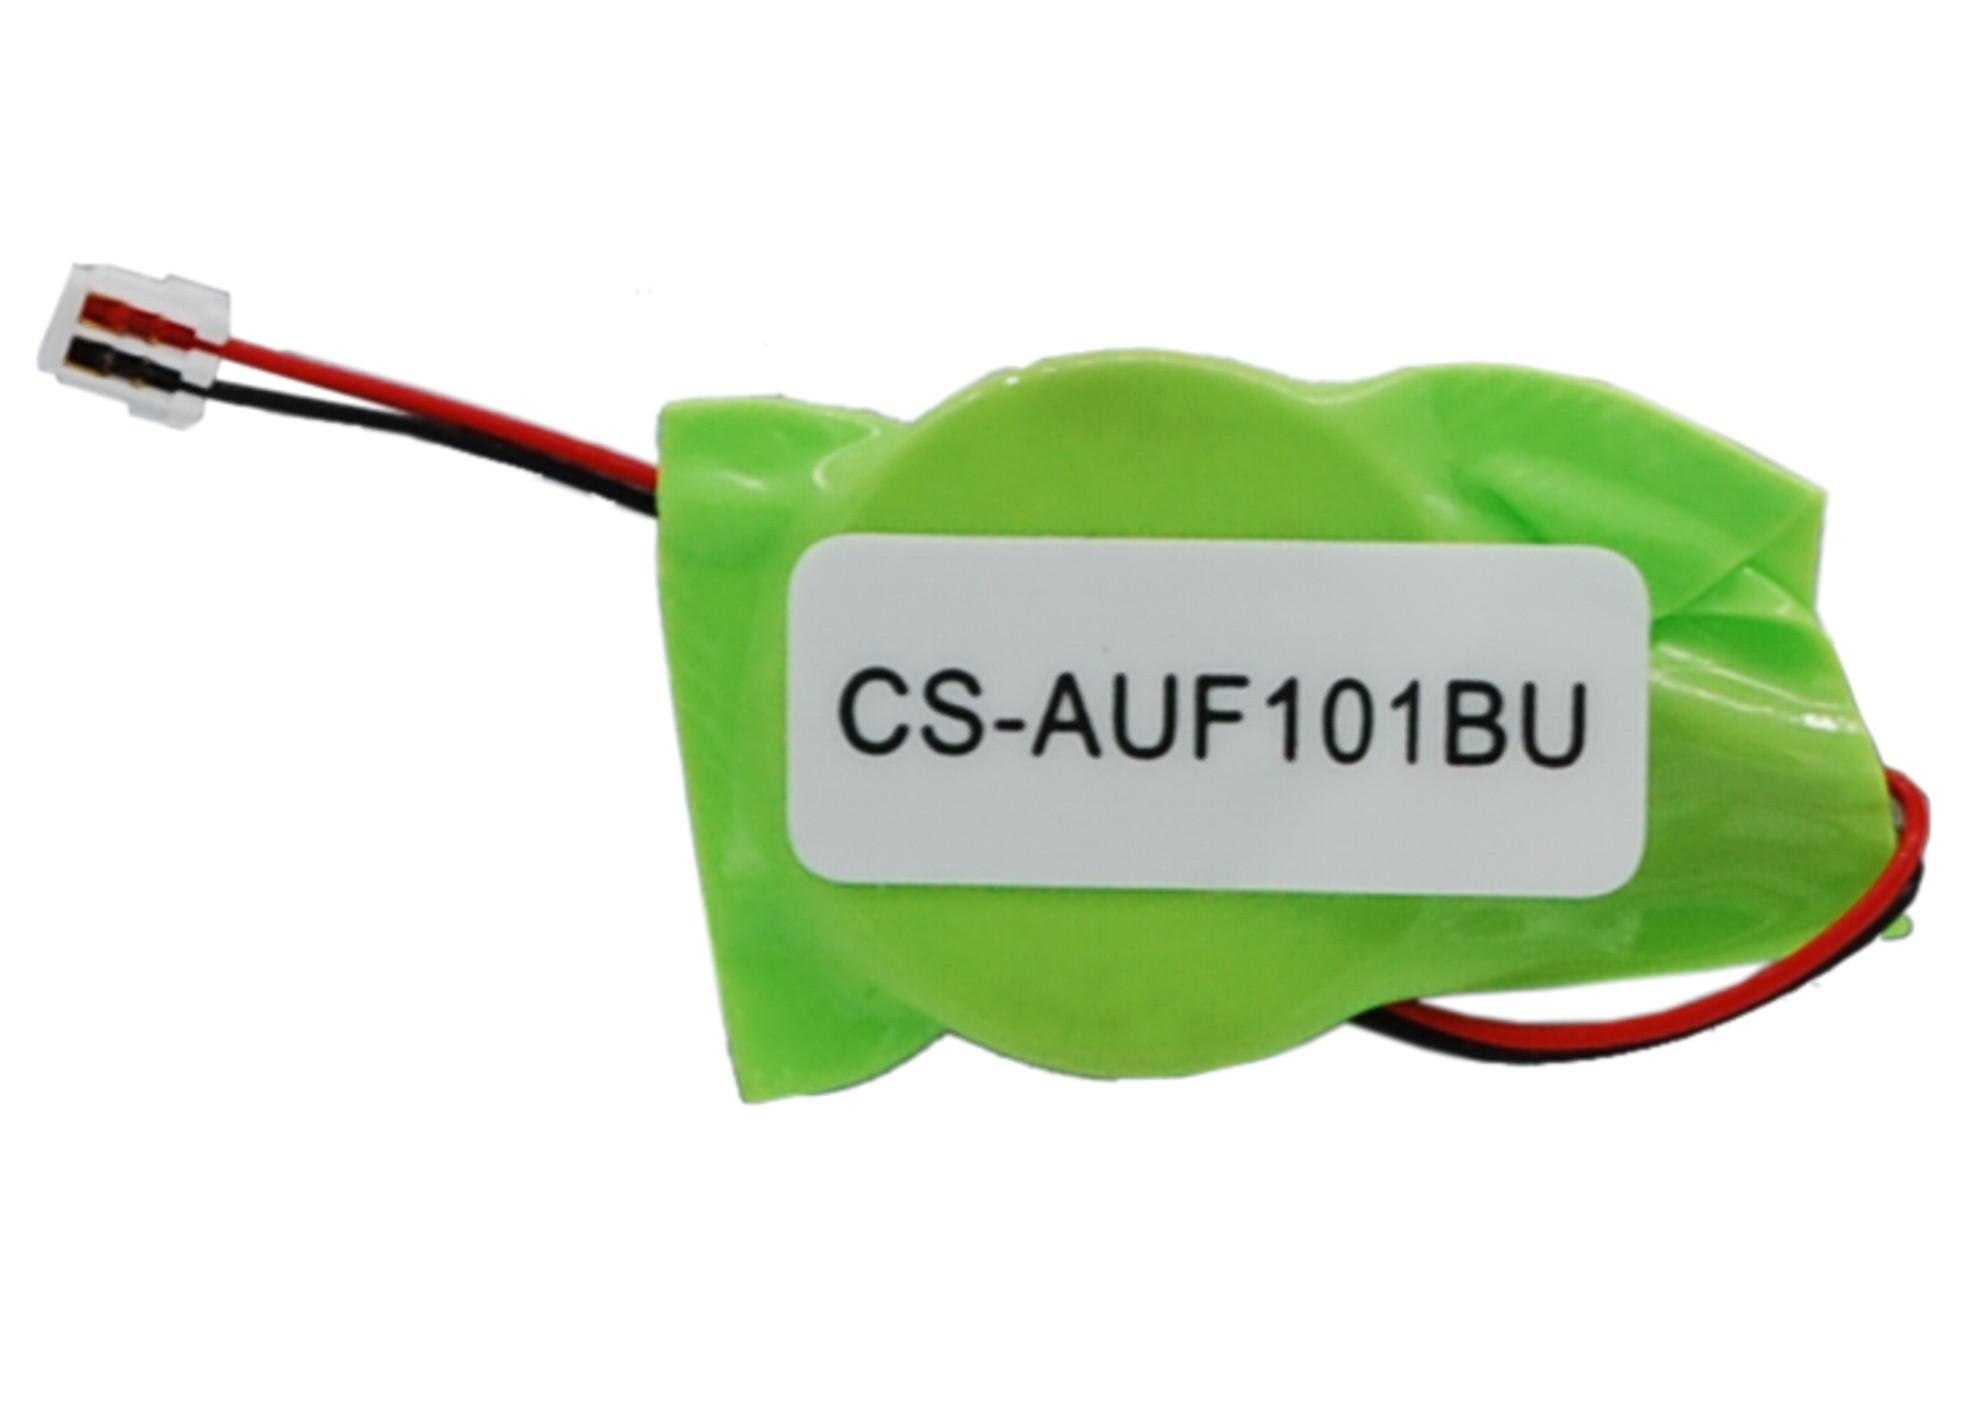 Cameron Sino baterie cmos pro ASUS Transformer Prime TF201-1I014A 3V Li-ion 40mAh zelená - neoriginální